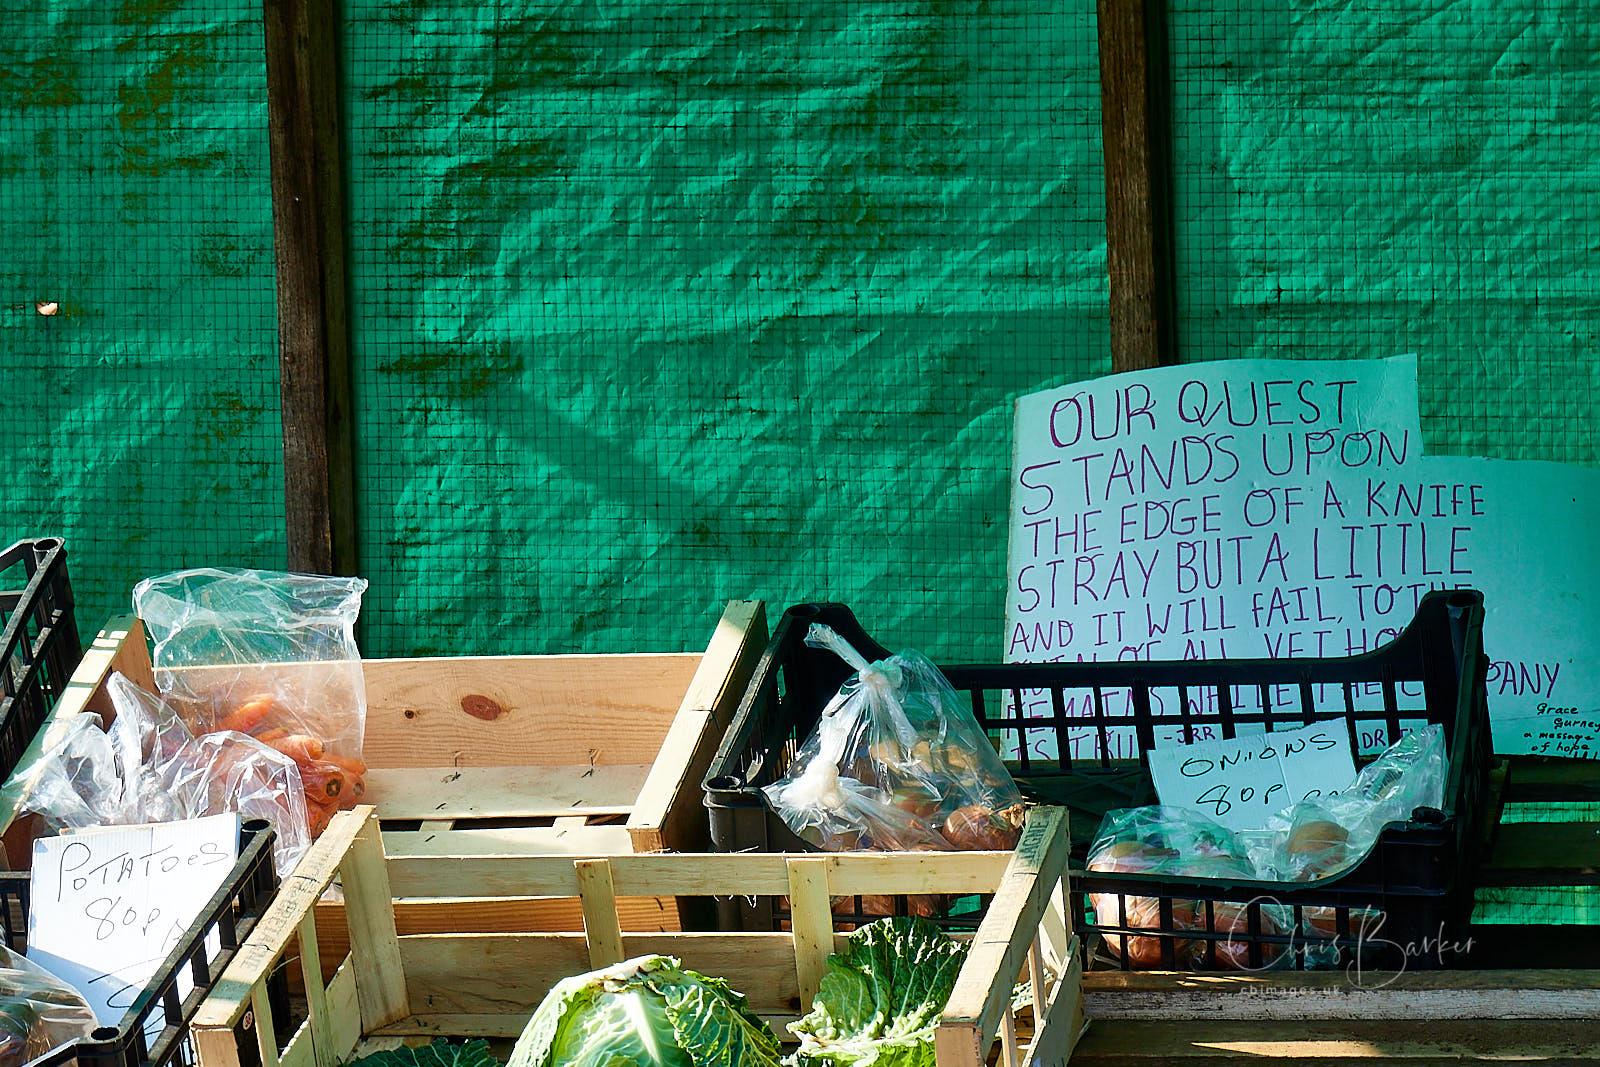 Notice on stall